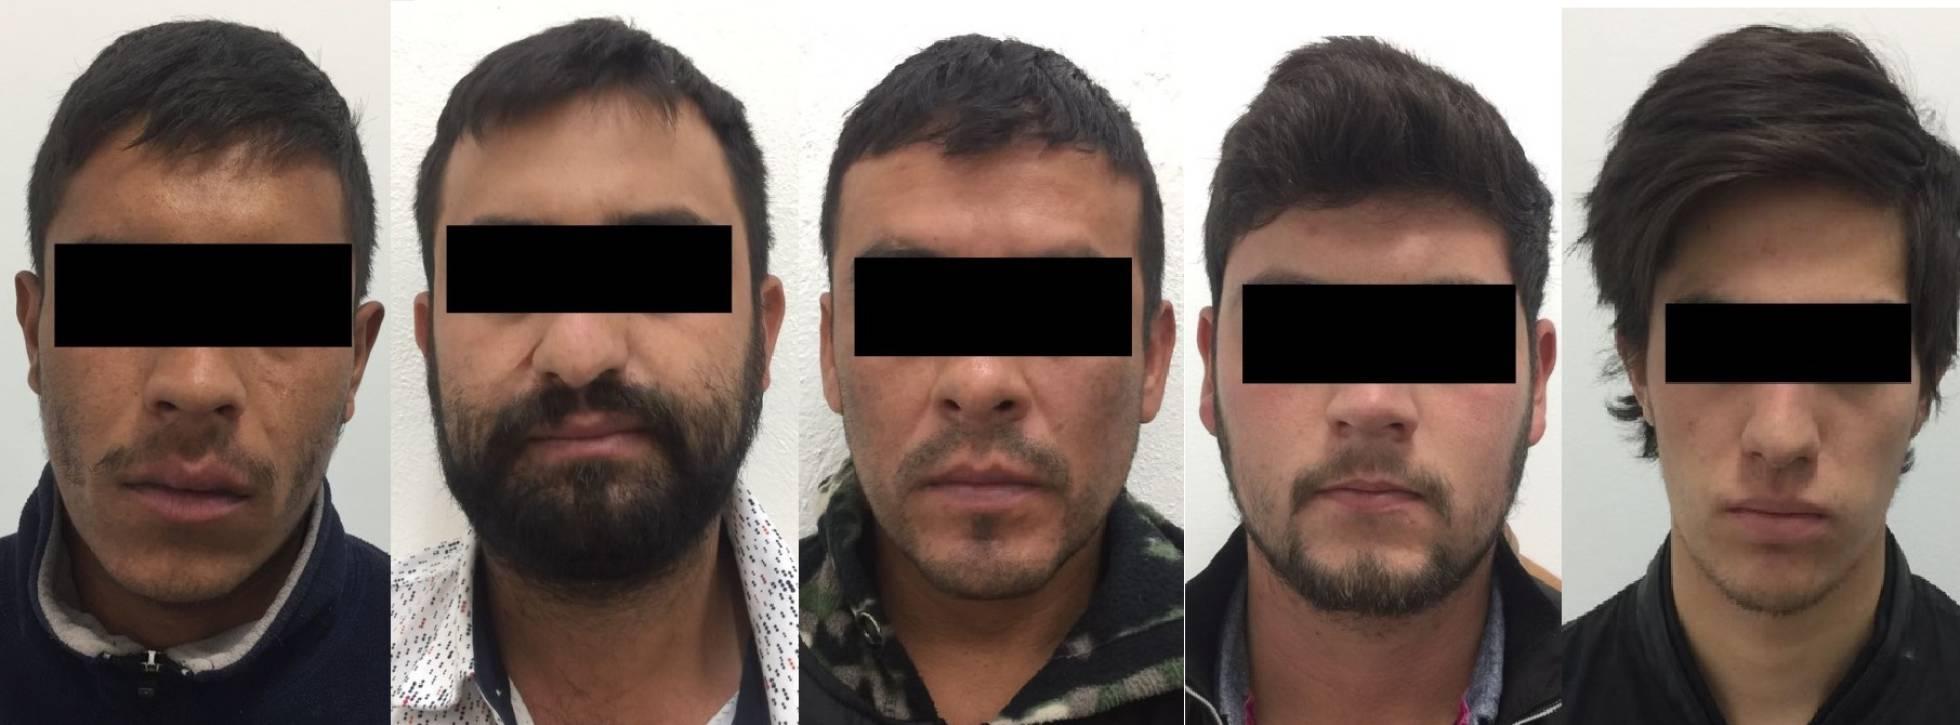 https://ep01.epimg.net/internacional/imagenes/2018/03/05/mexico/1520264087_166518_1520264399_noticia_normal_recorte1.jpg